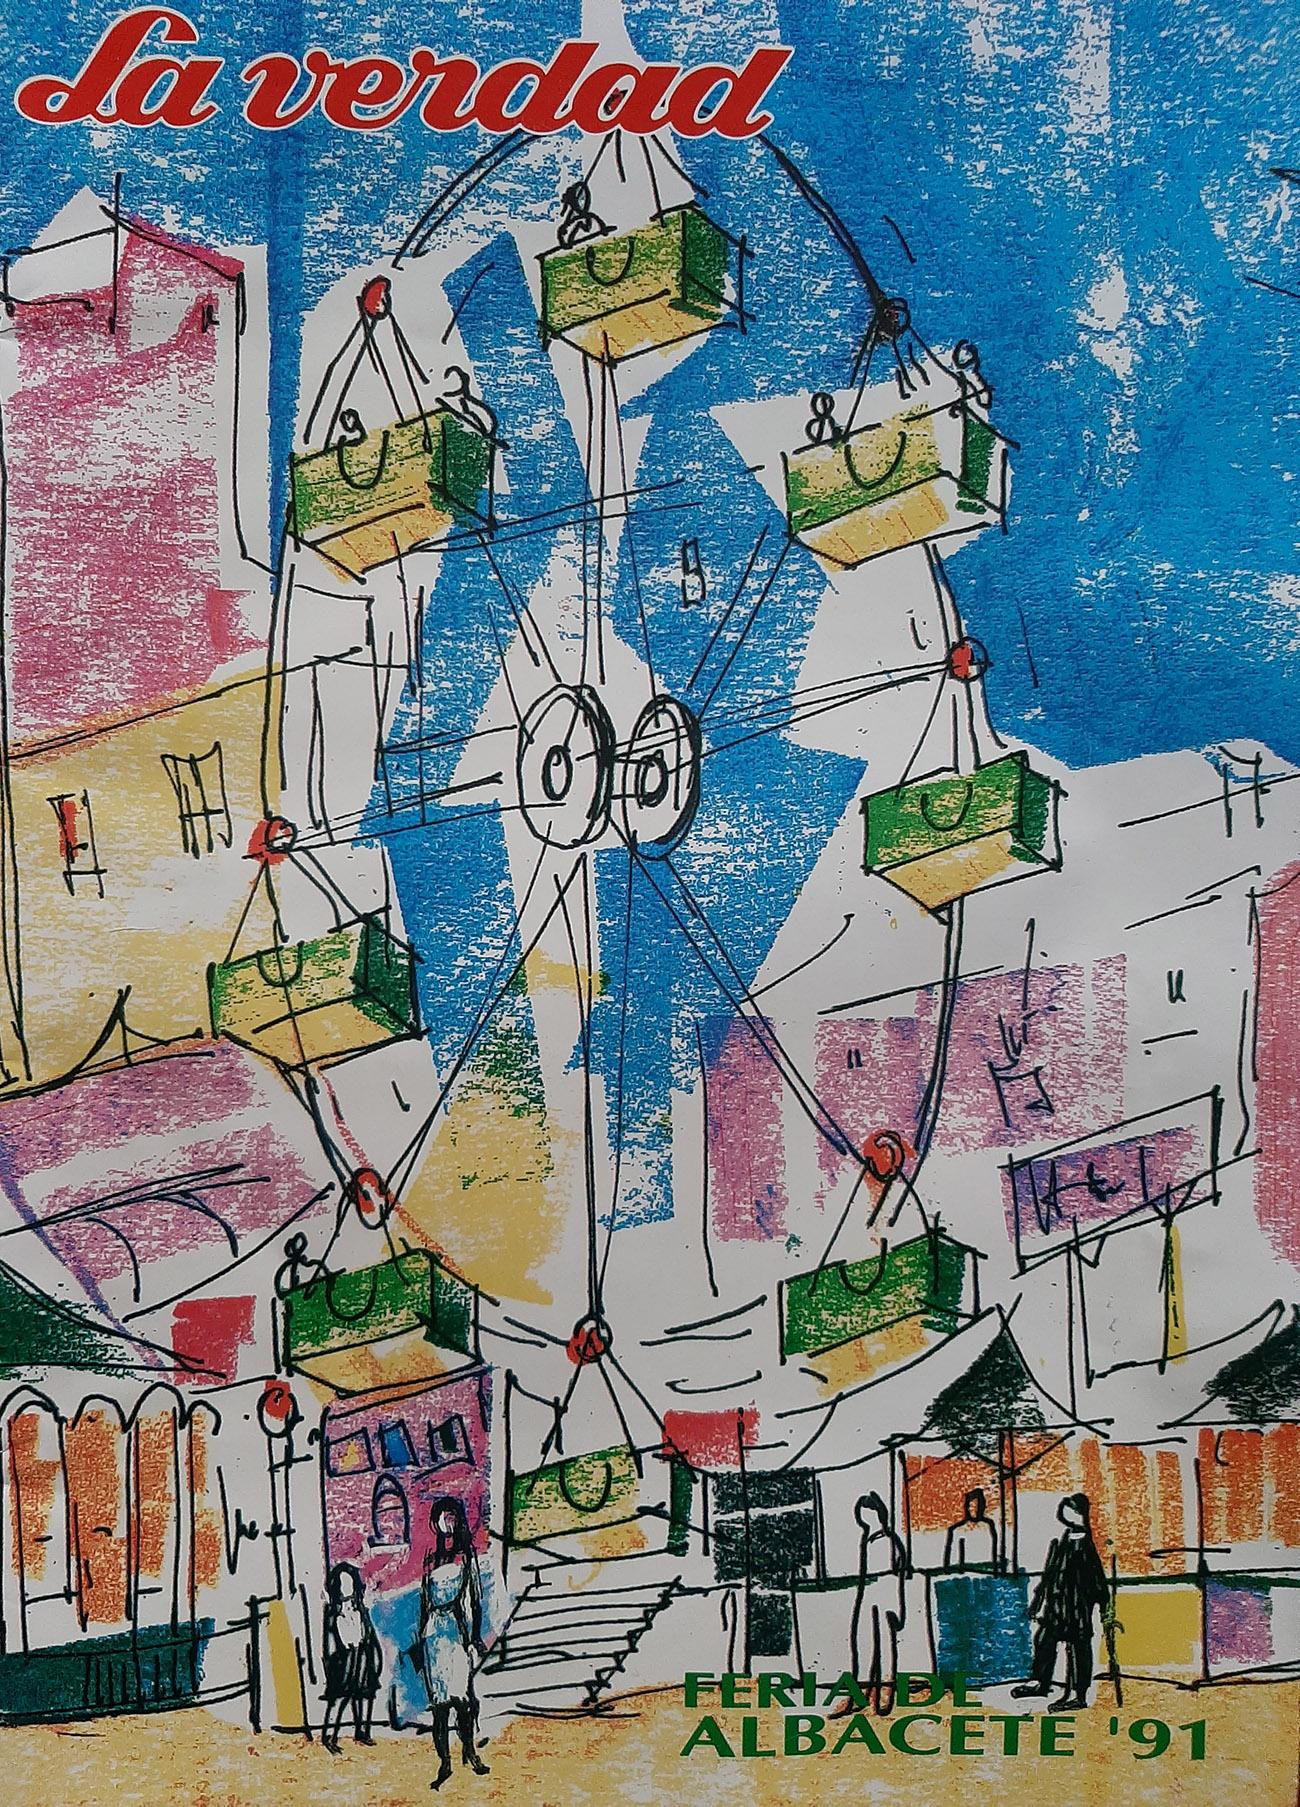 Juan Amo. Especial de La Verdad - Feria 1991